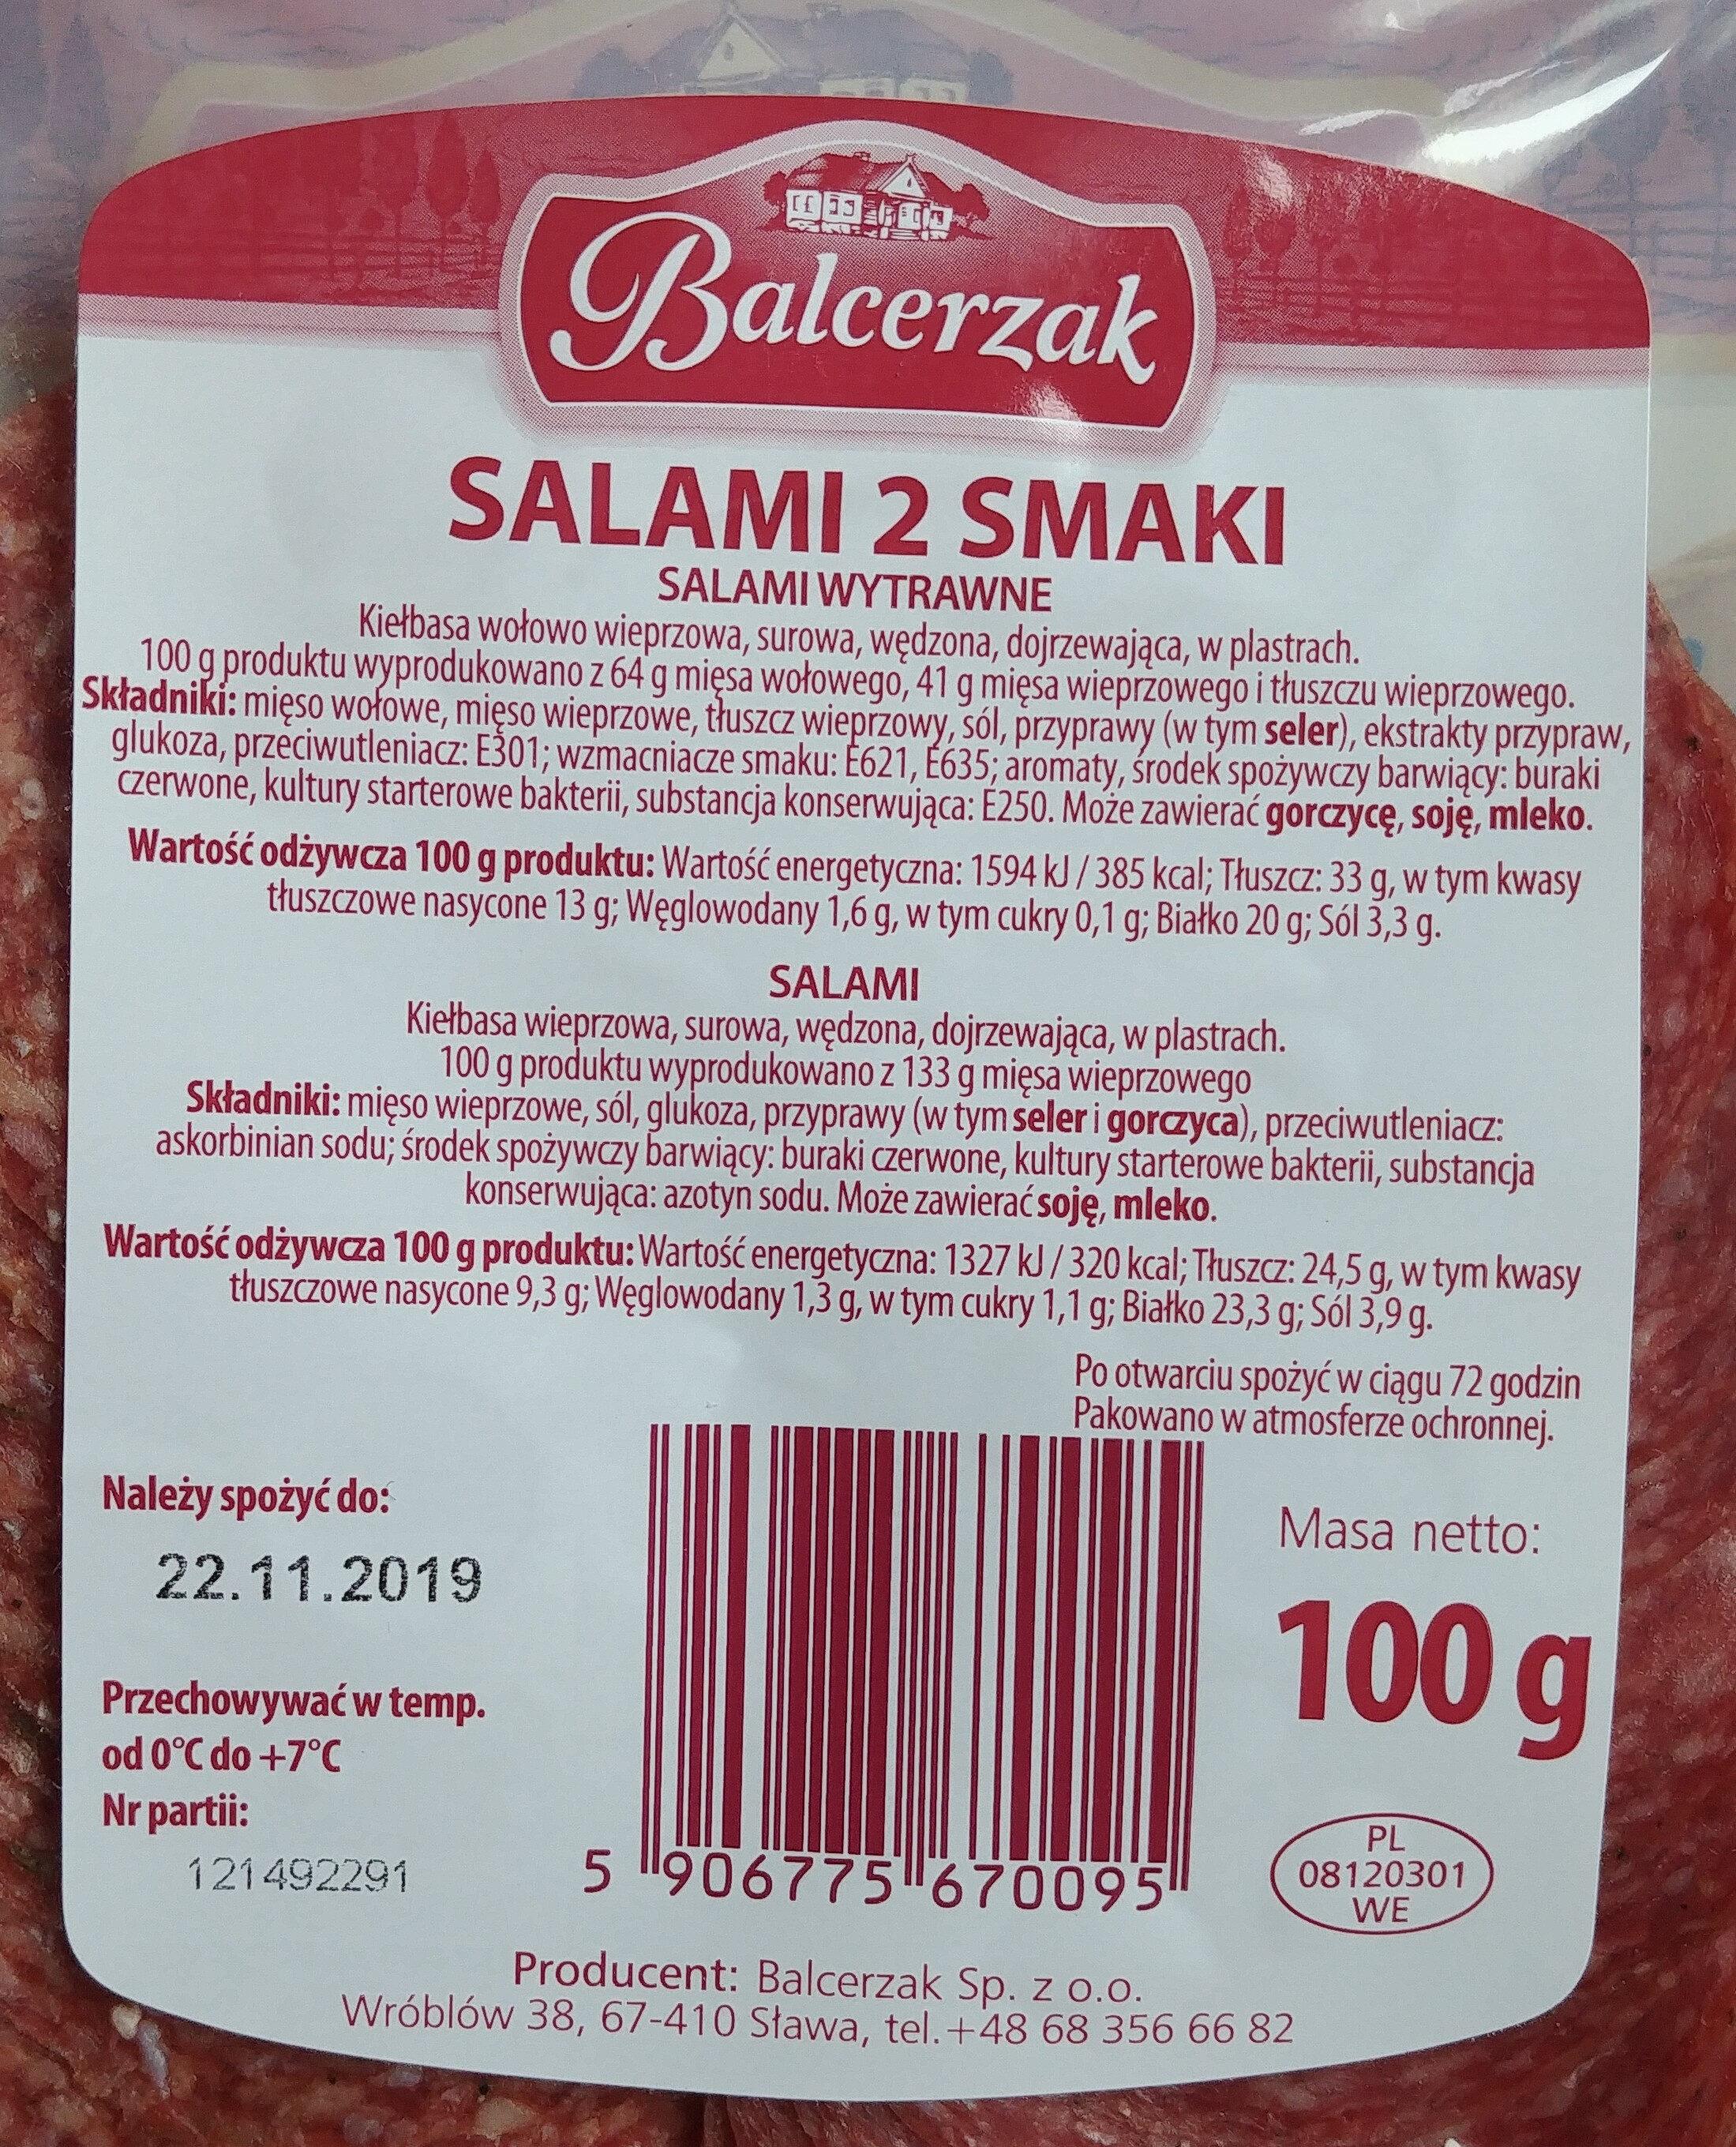 Salami 2 smaki. (Salami wytrawne, Salami) - Wartości odżywcze